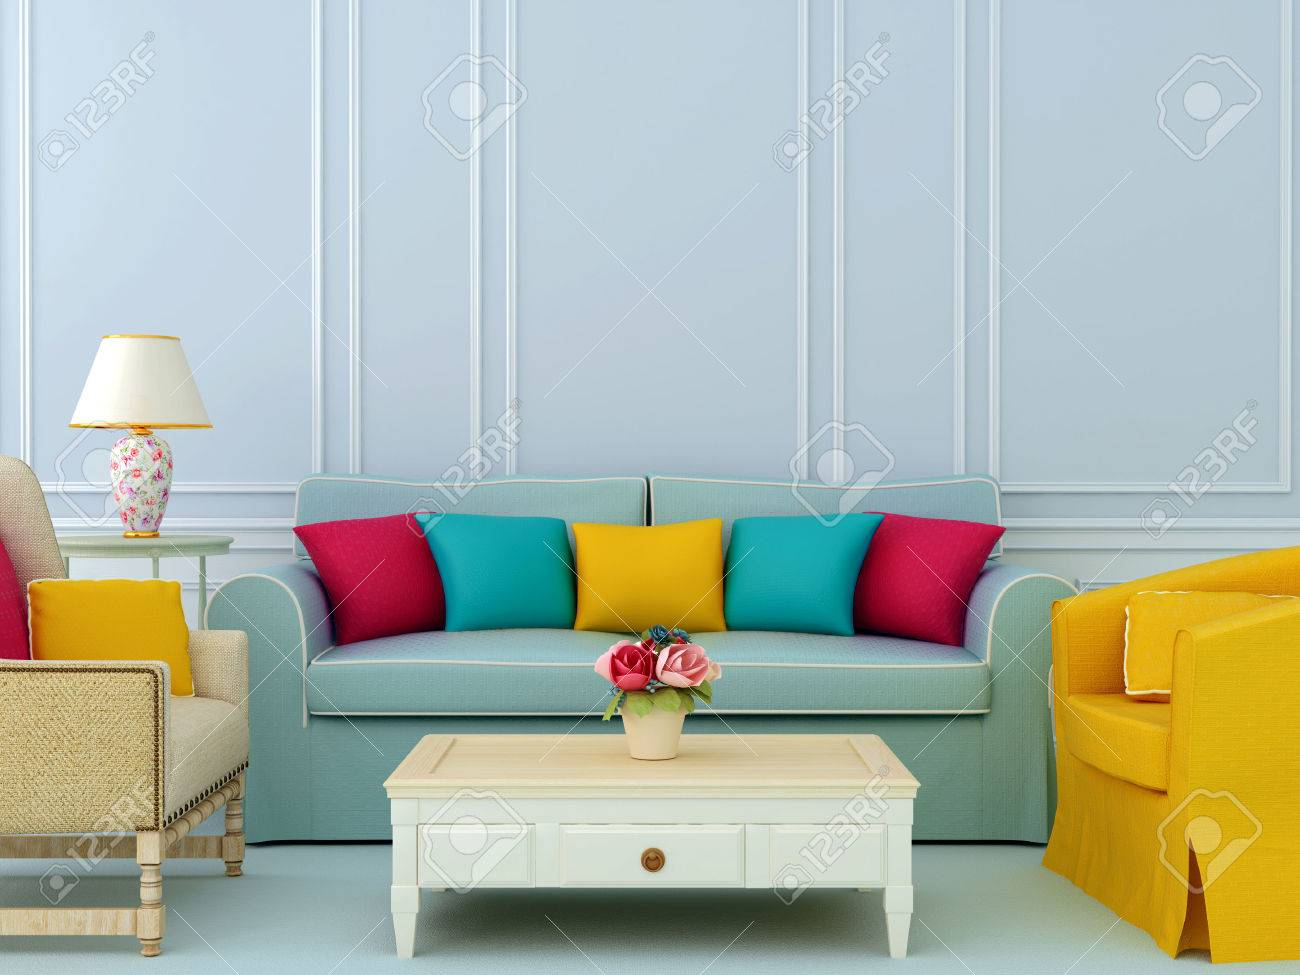 Schöne Zusammensetzung Der Blauen Sofa Und Helle Stühle Mit Bunten ...